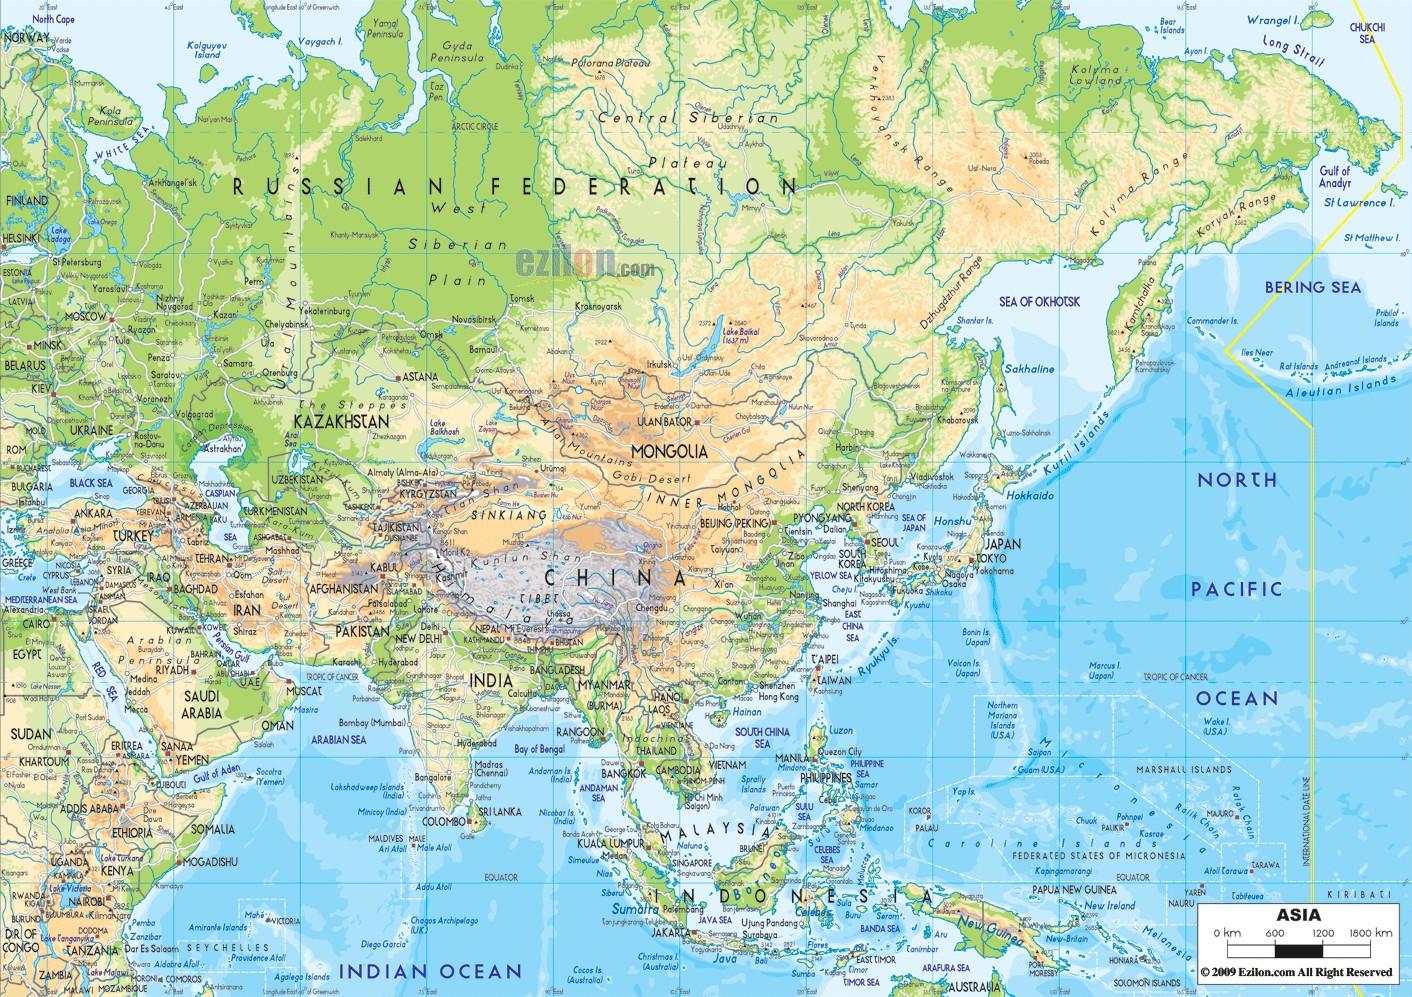 亚洲地形地图_亚洲地形图。_百度知道